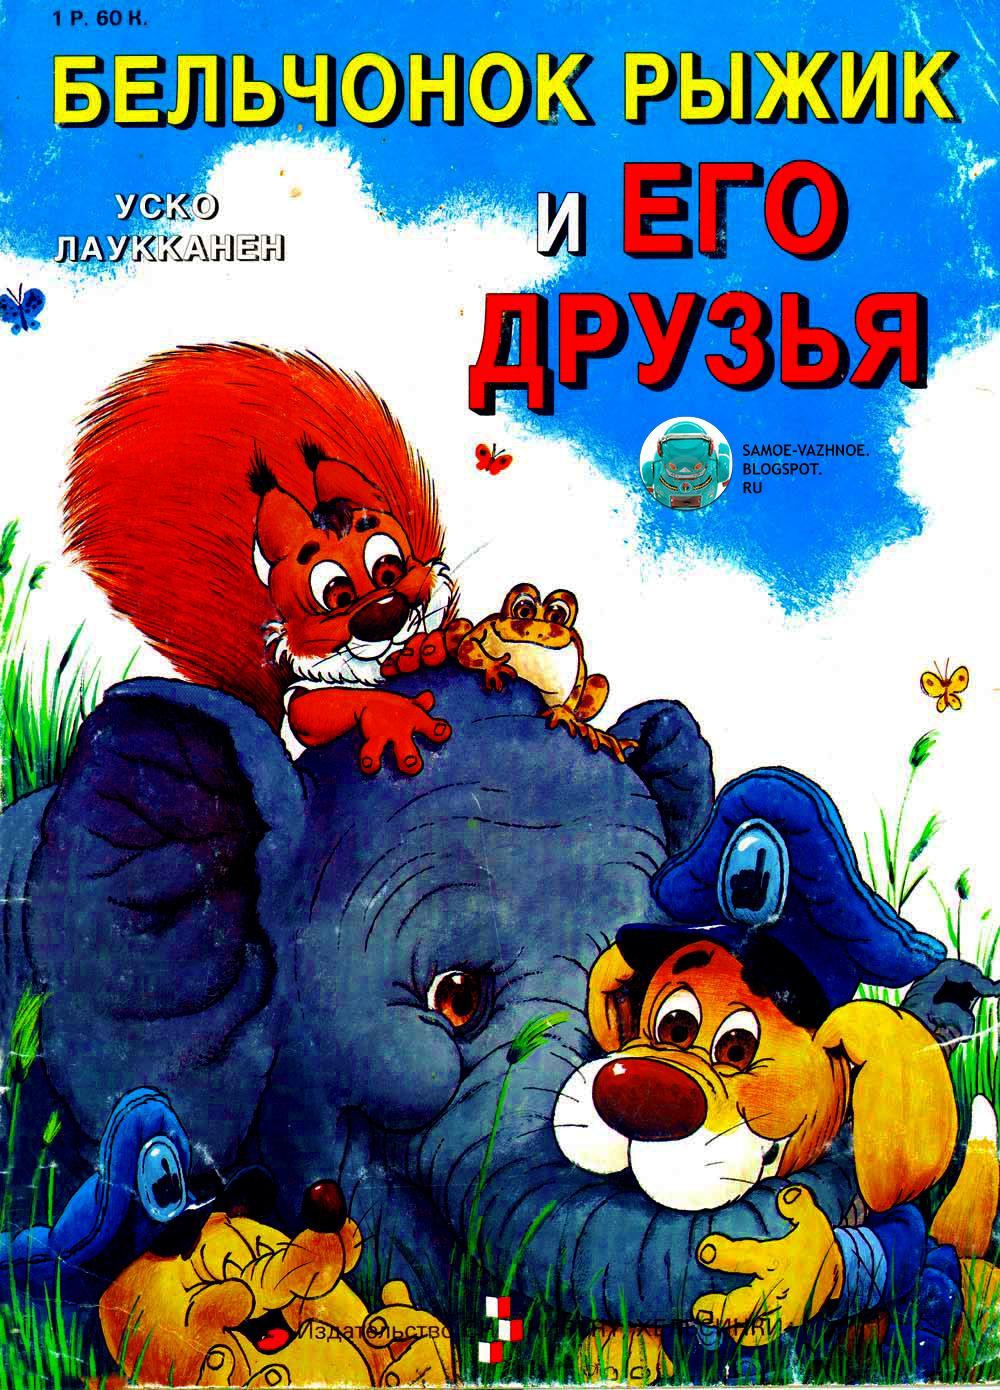 Книга бельчонок Рыжик для детей СССР. Уско Лаукканен книга.